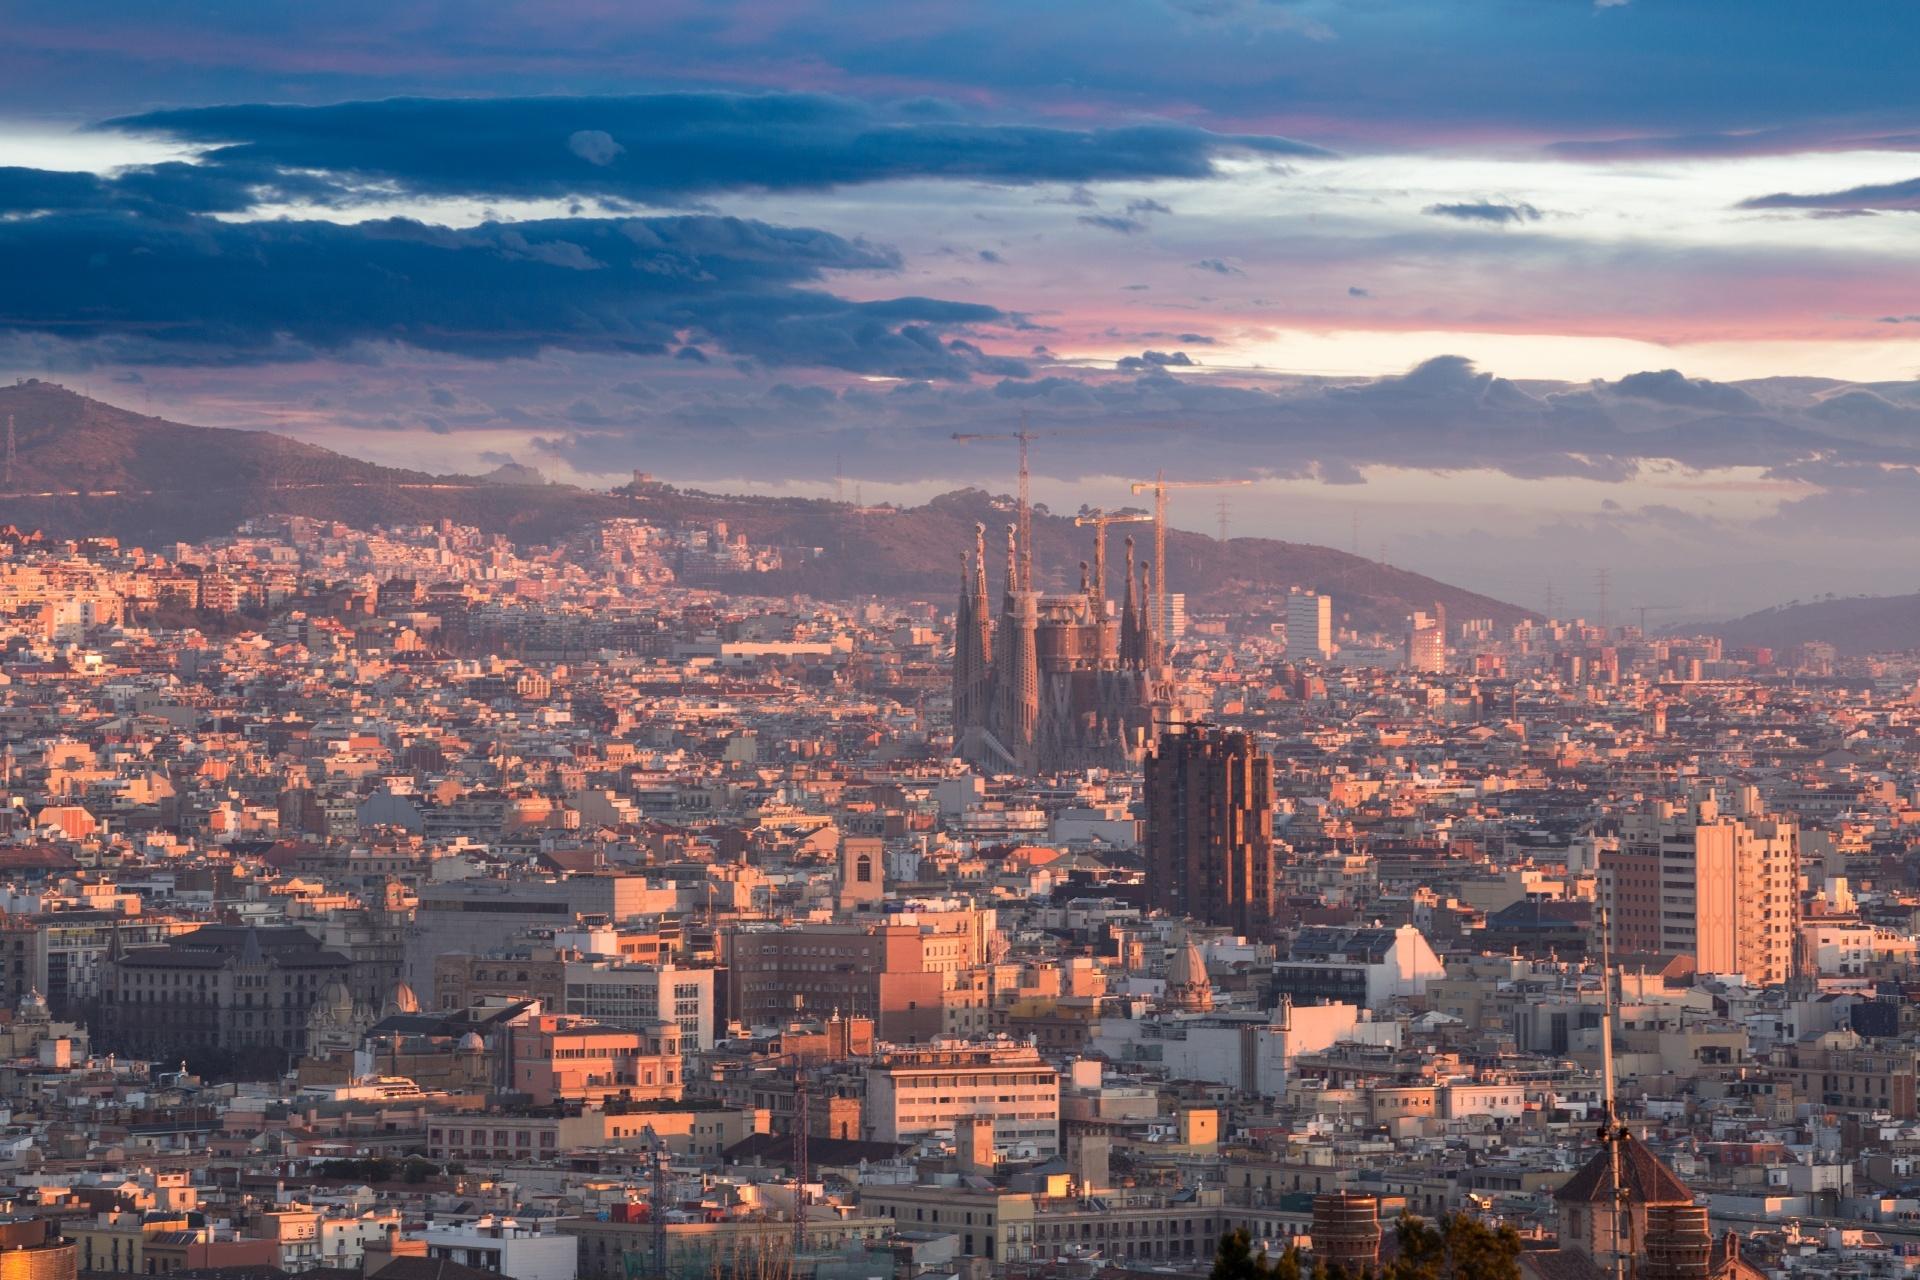 モンジュイックから見る朝のバルセロナの風景 スペインの風景